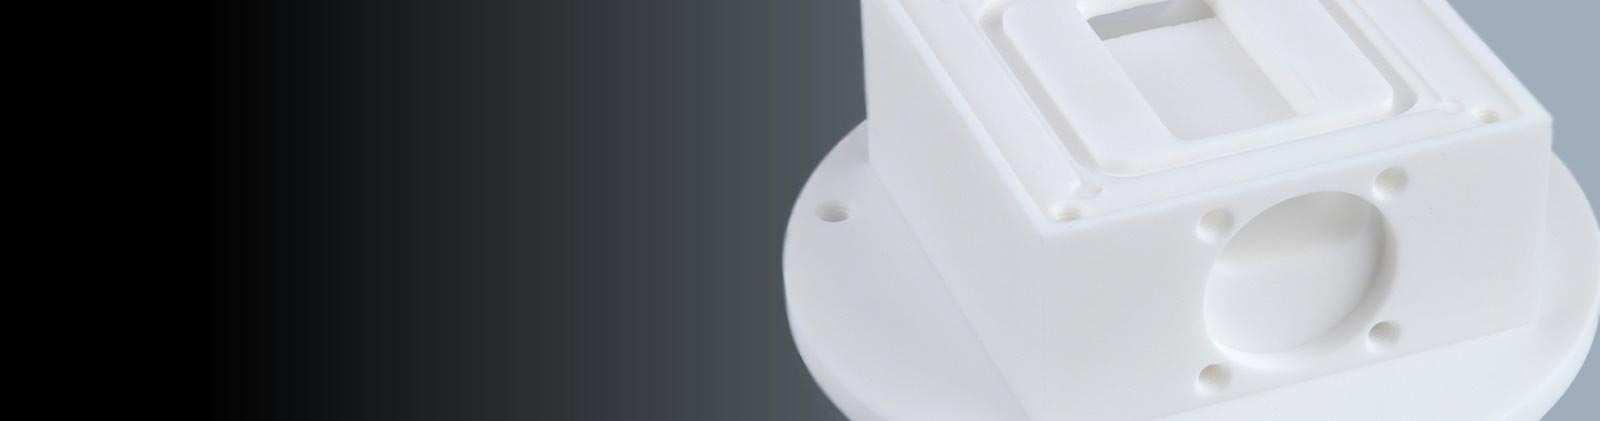 Final propose trois types de céramiques : frittées, usinable facile de mise en oeuvre et pressées.